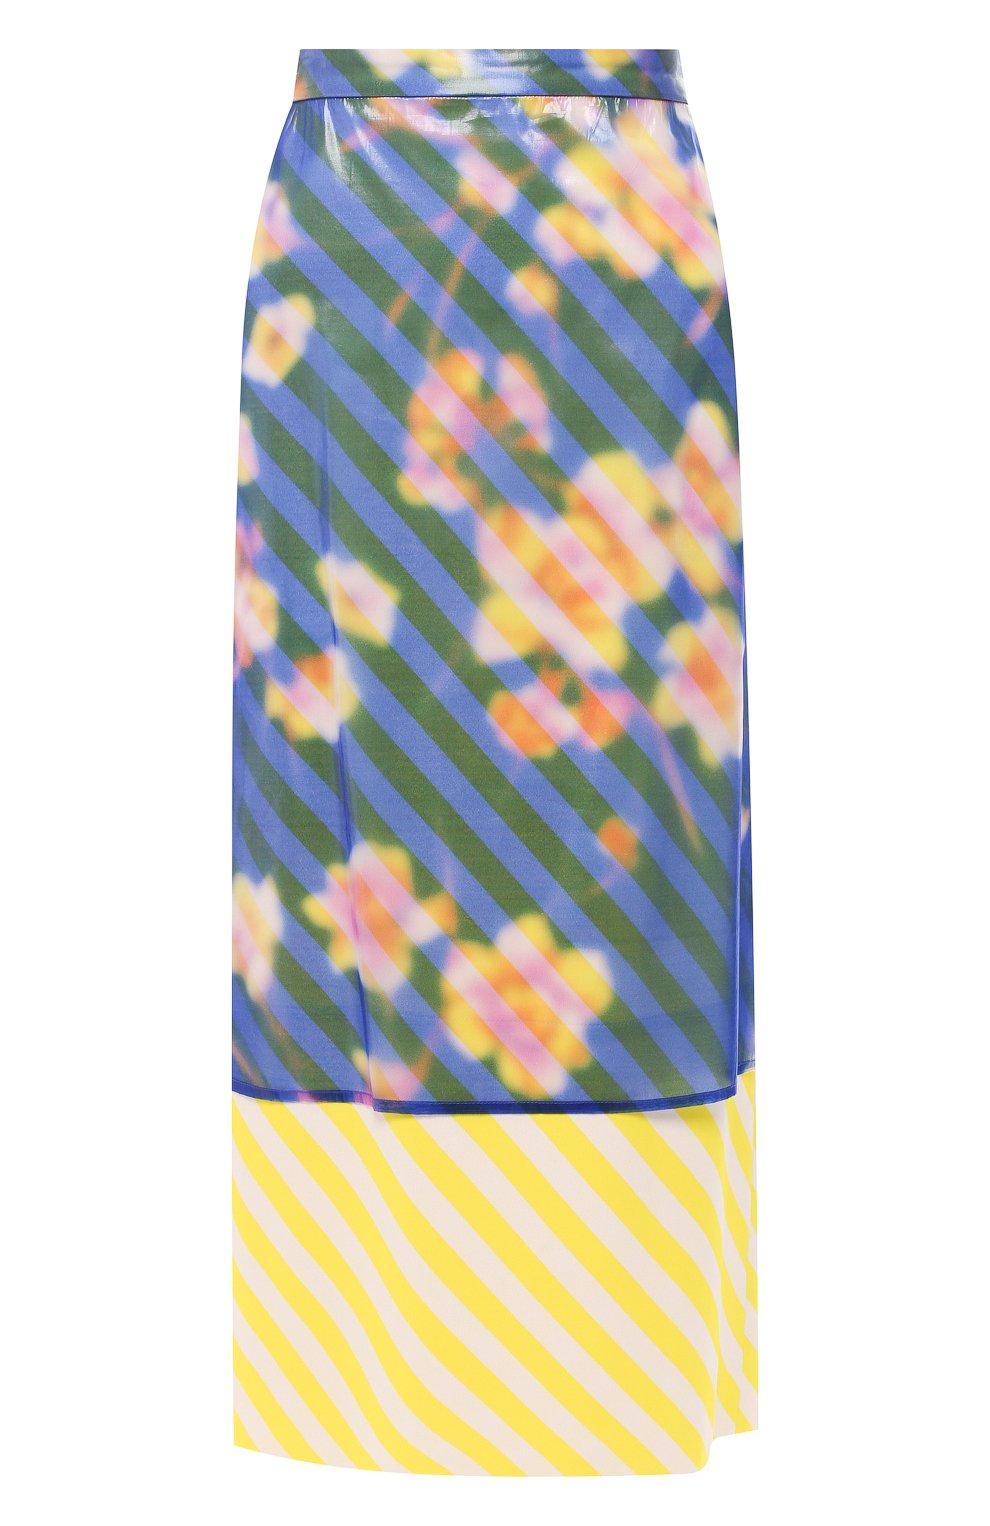 Женская юбка-миди DRIES VAN NOTEN синего цвета, арт. 191-10855-7102 | Фото 1 (Материал внешний: Шелк, Синтетический материал; Длина Ж (юбки, платья, шорты): Миди; Статус проверки: Проверено)